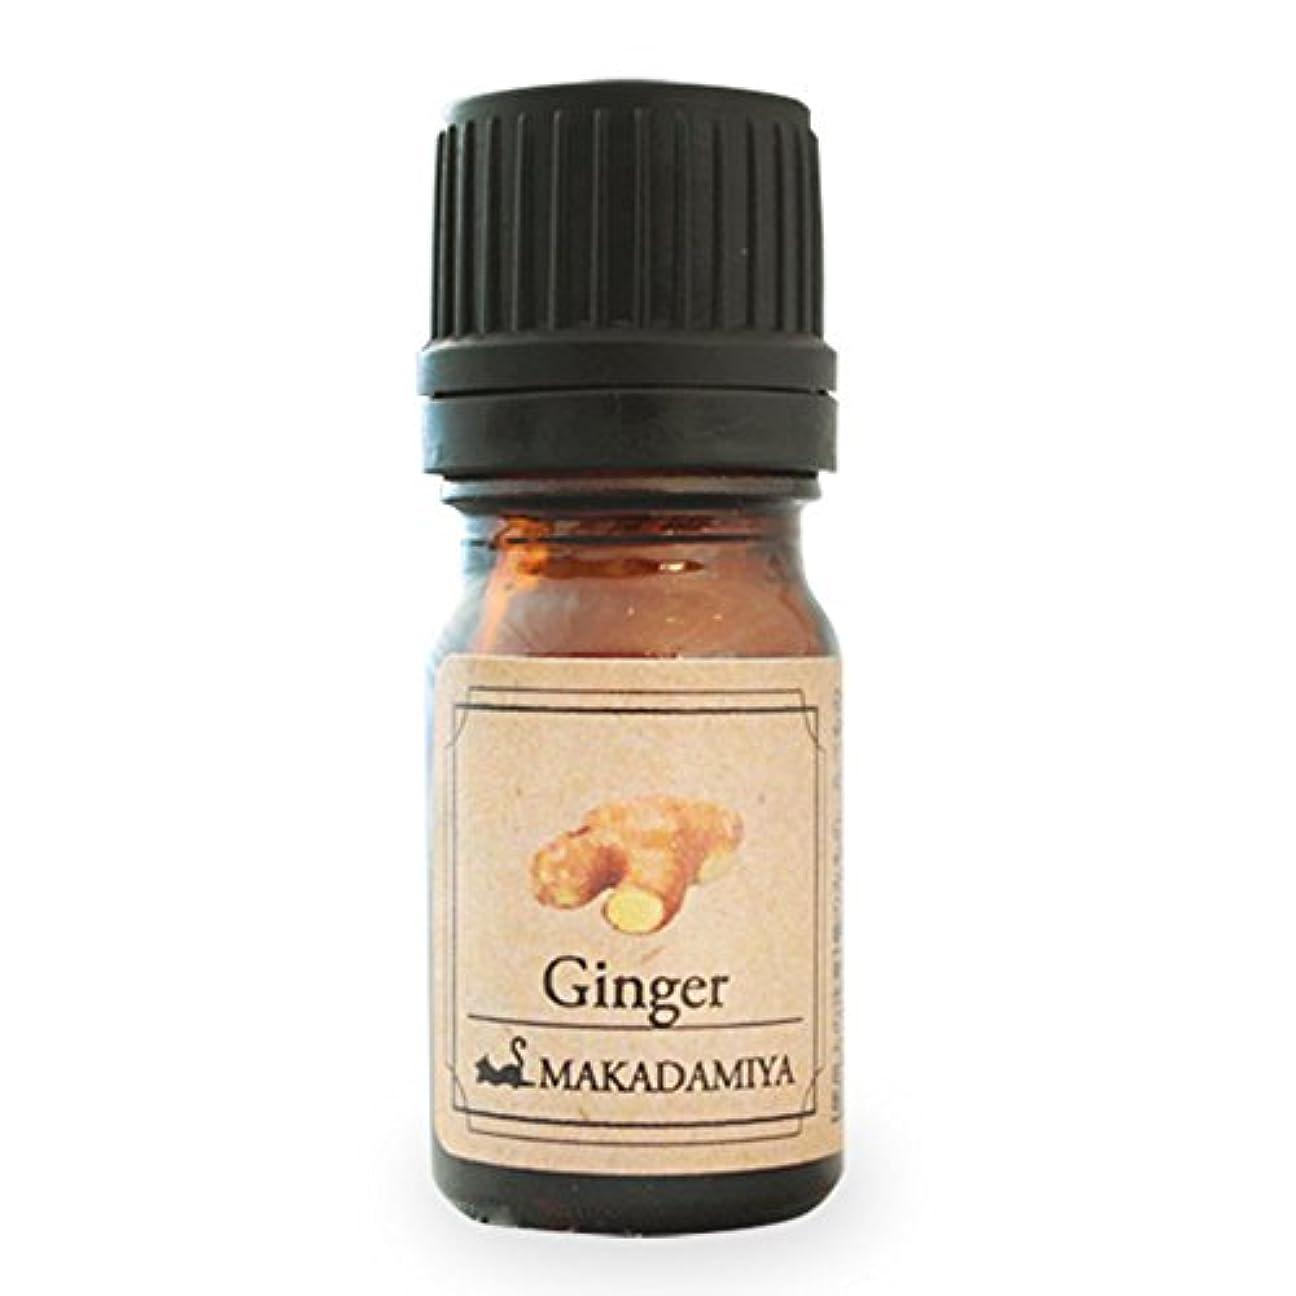 騒々しい動的作りますジンジャー5ml 天然100%植物性 エッセンシャルオイル(精油) アロマオイル アロママッサージ aroma Ginger